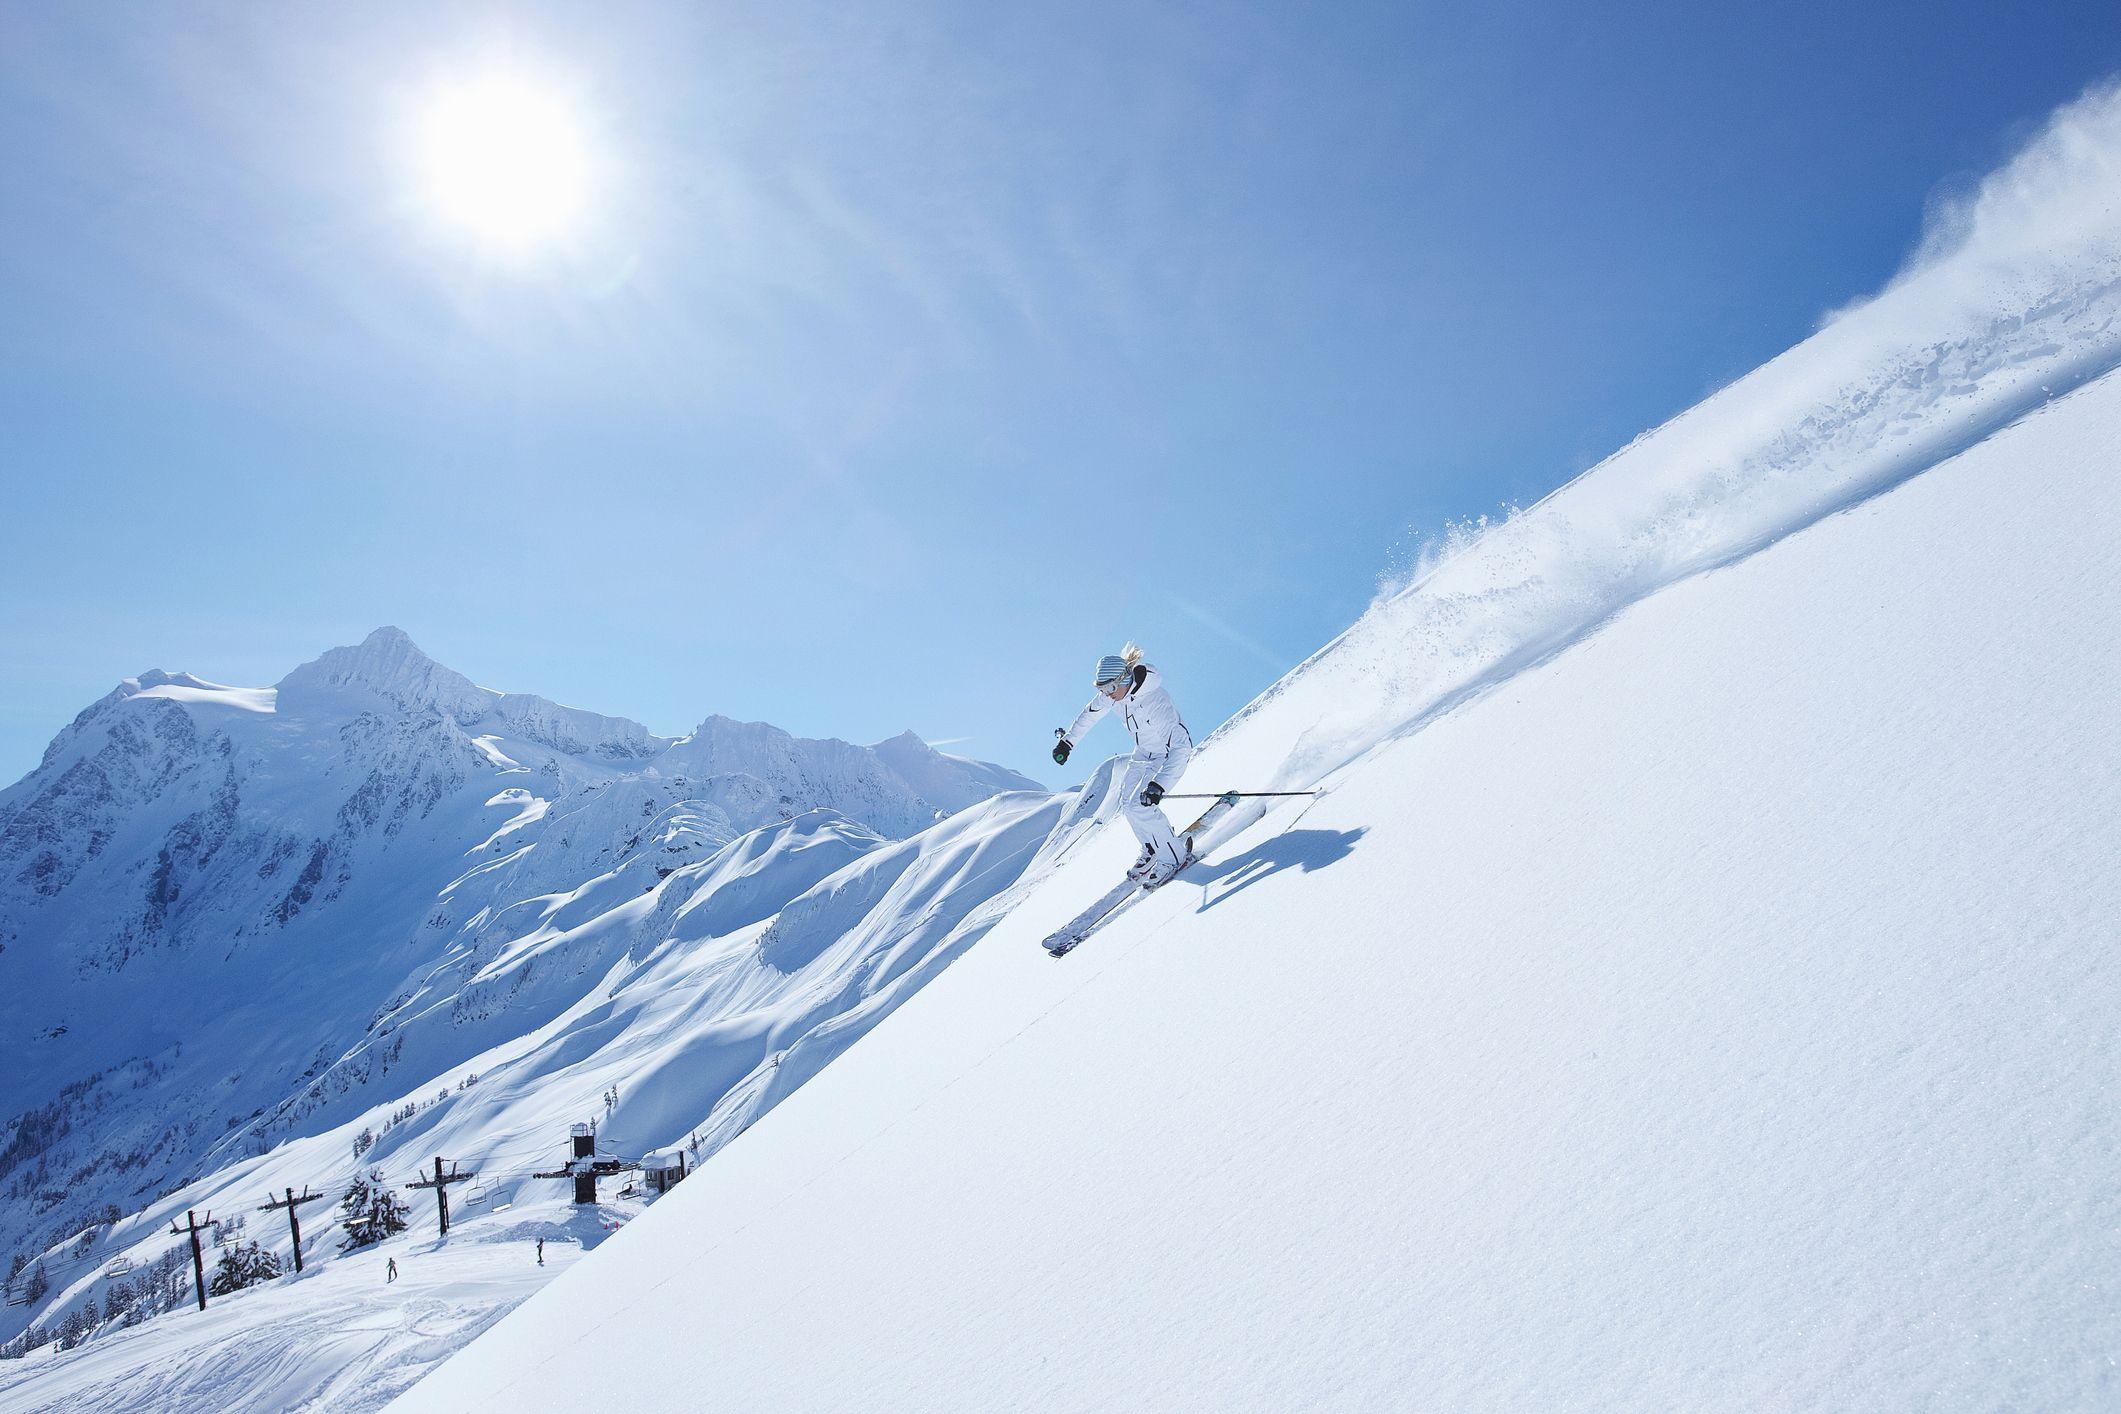 Vacances de ski pas chères Meilleures offres 2020